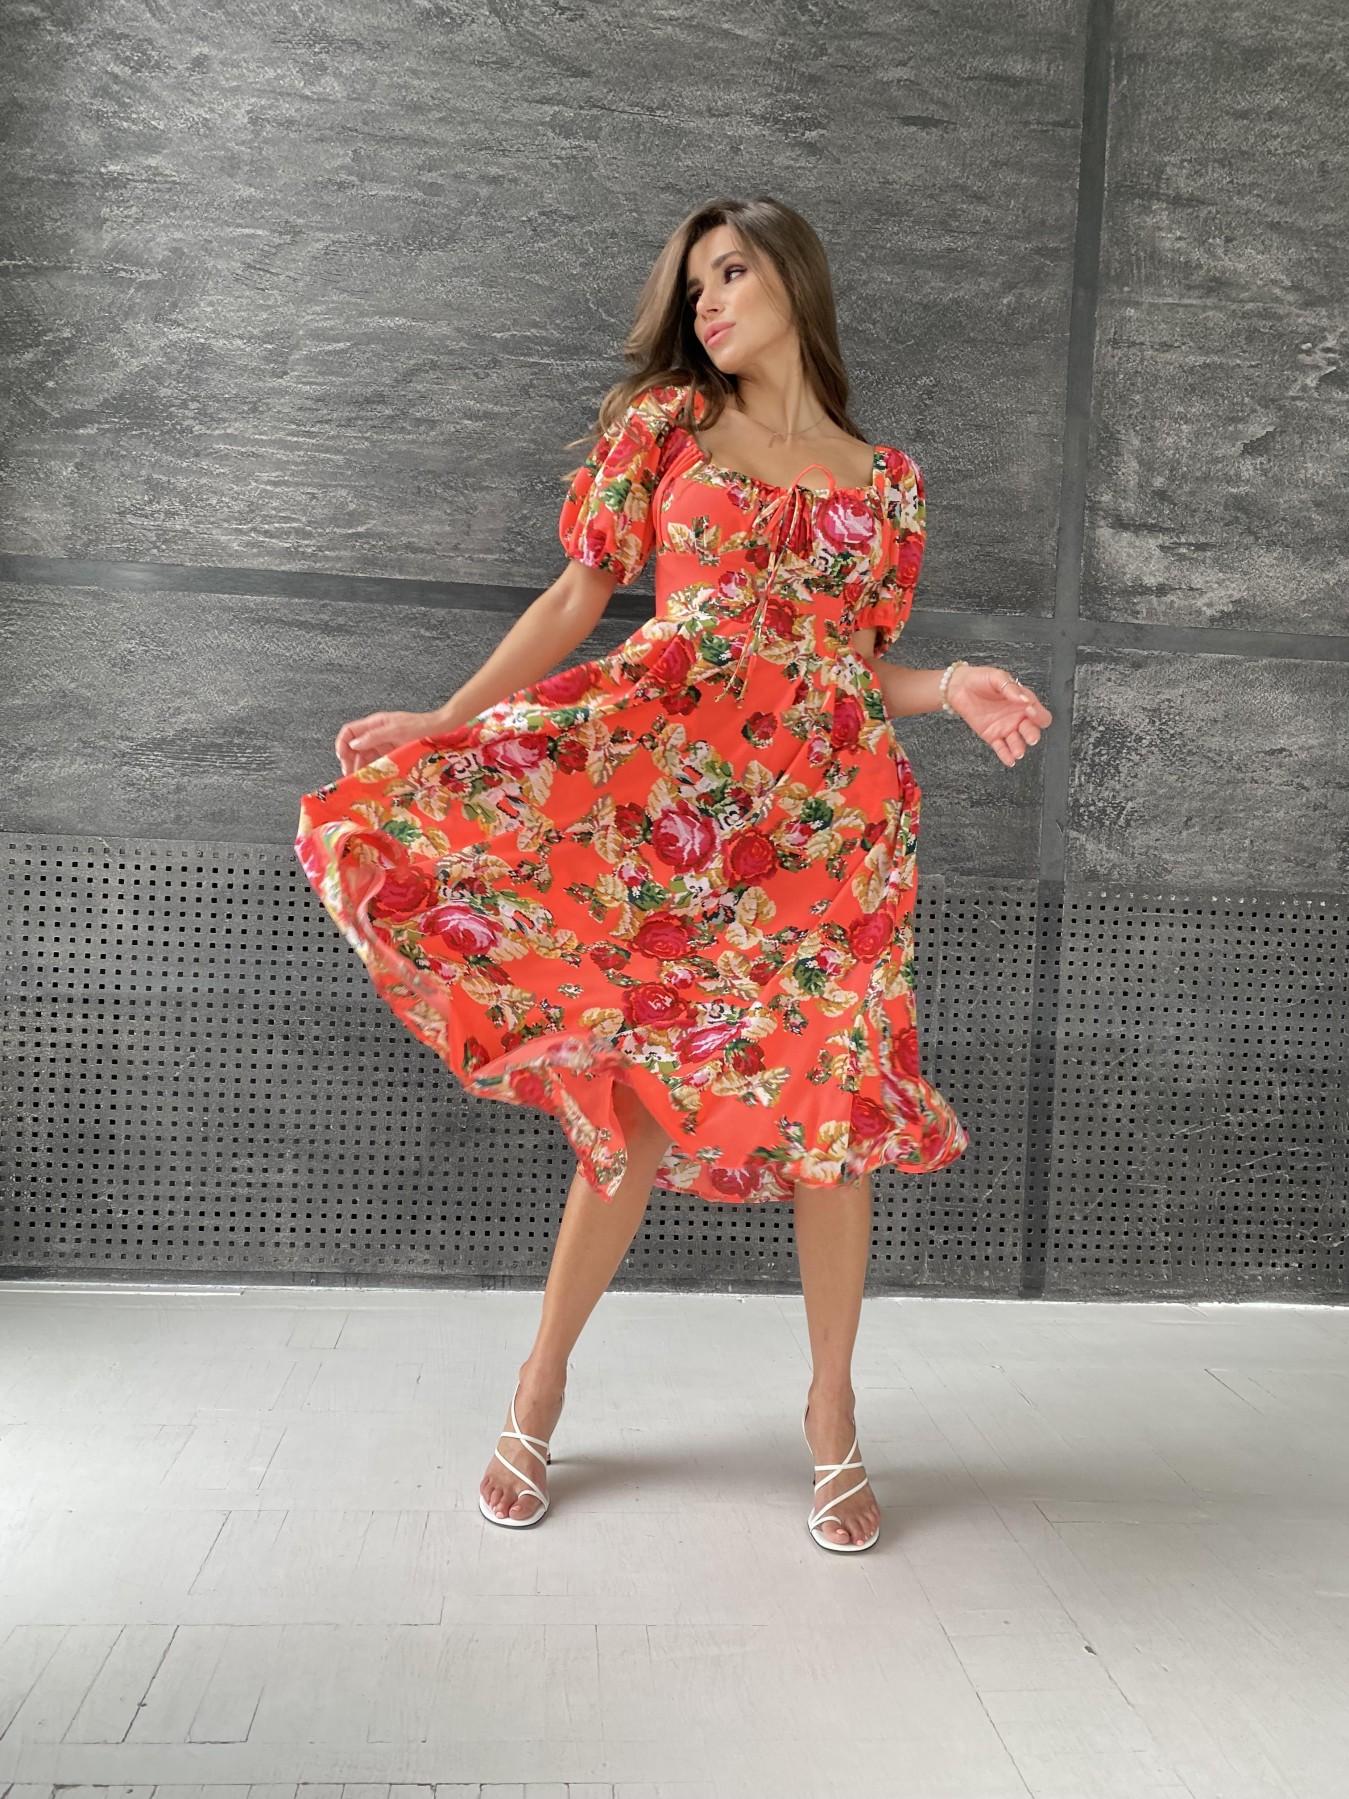 Кисес Миди платье из креп шифона в принт 11575 АРТ. 48316 Цвет: Коралл вышивка 4 - фото 1, интернет магазин tm-modus.ru